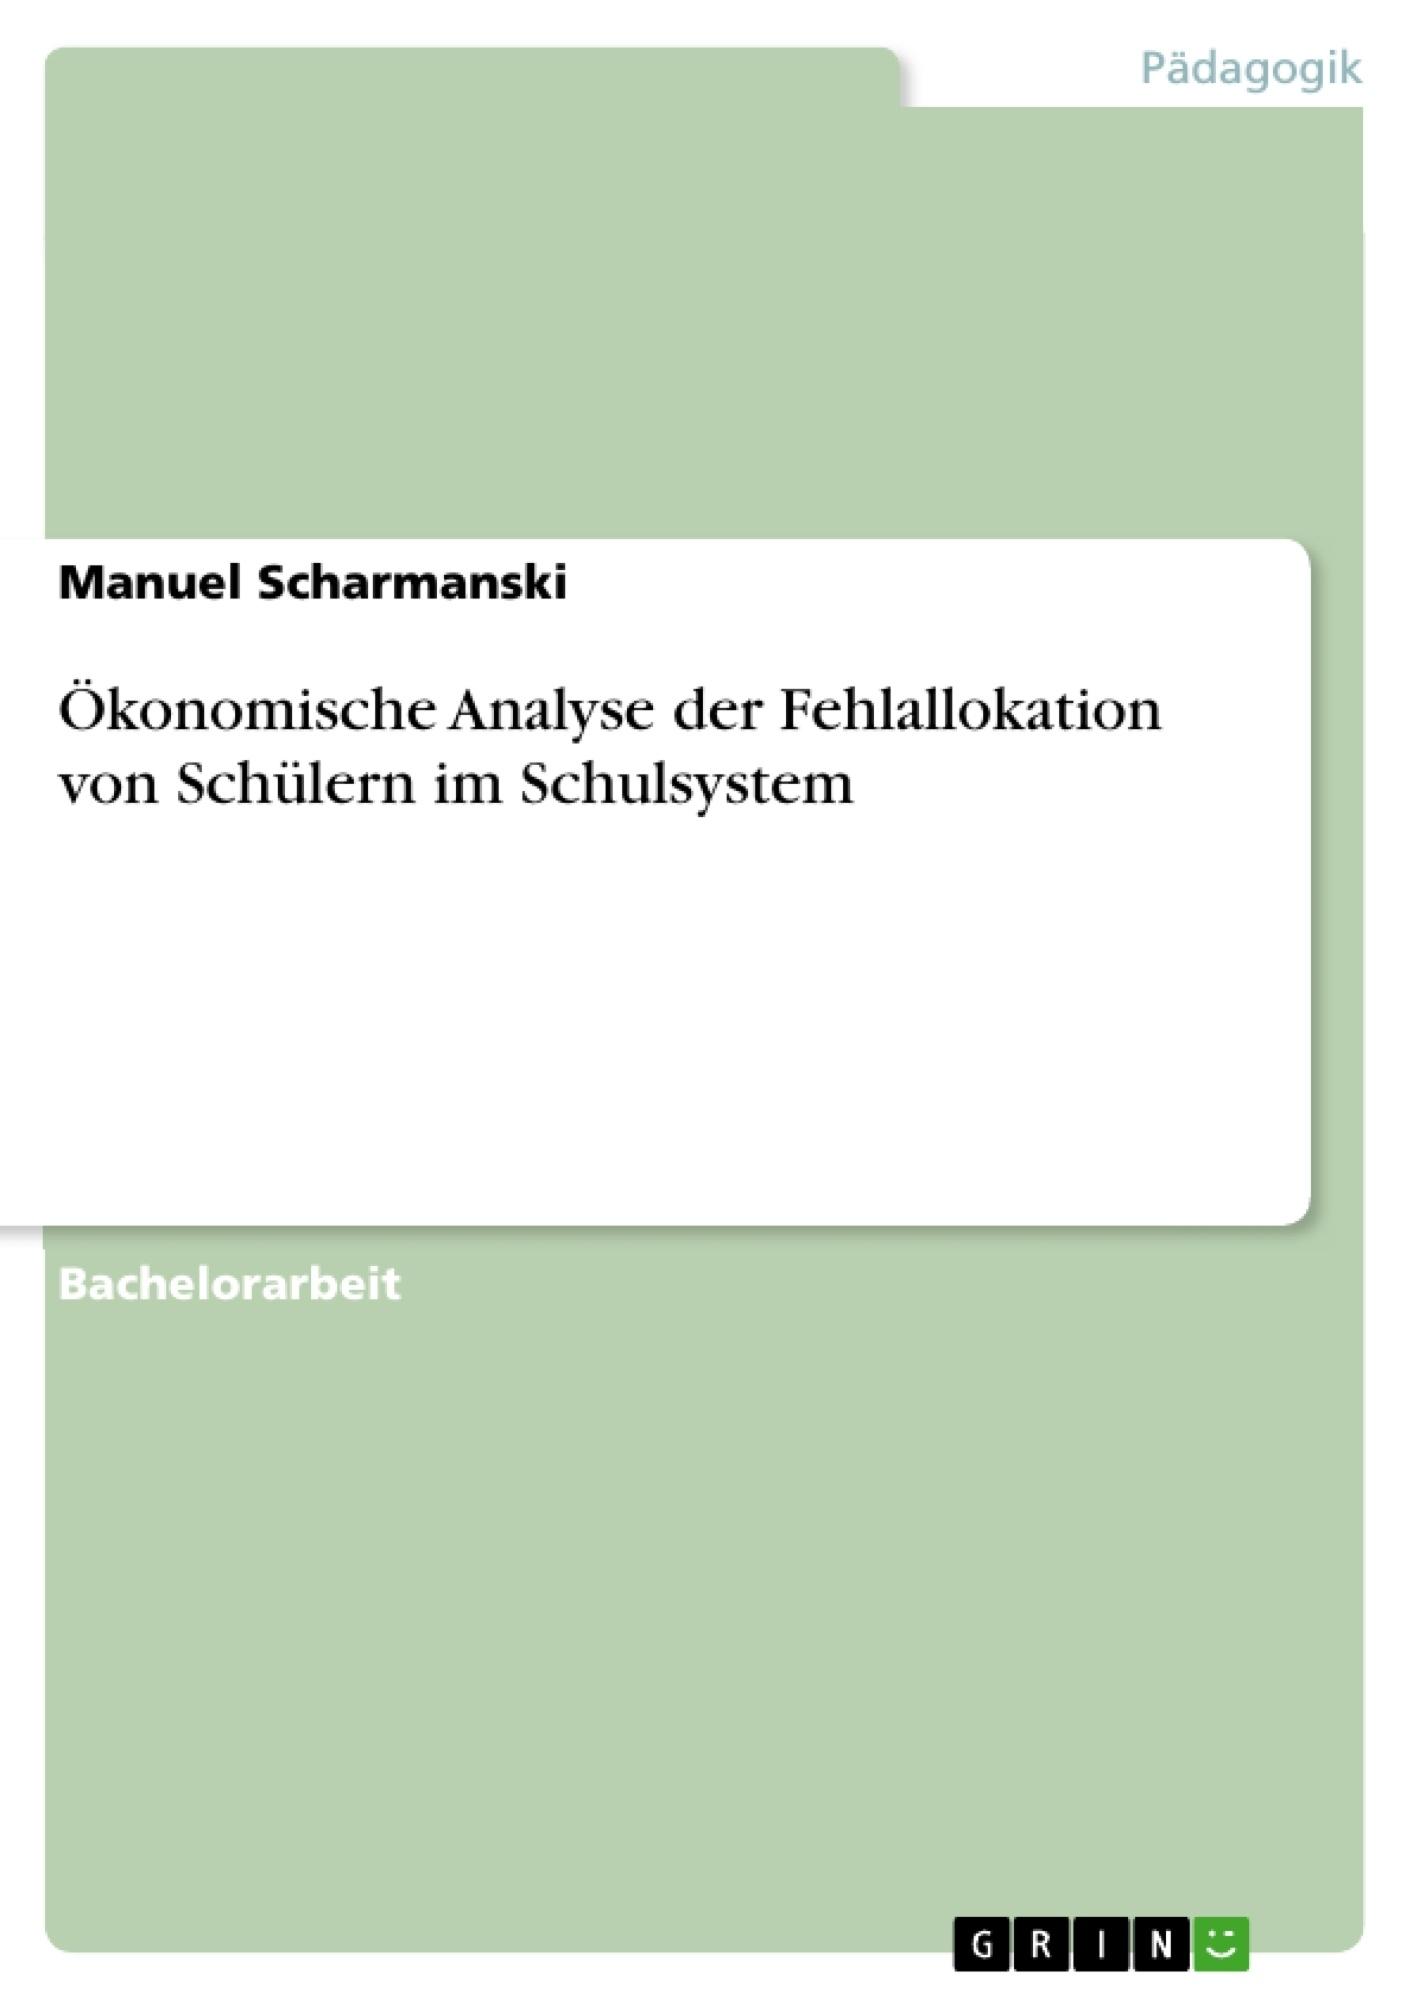 Titel: Ökonomische Analyse der Fehlallokation von Schülern im Schulsystem